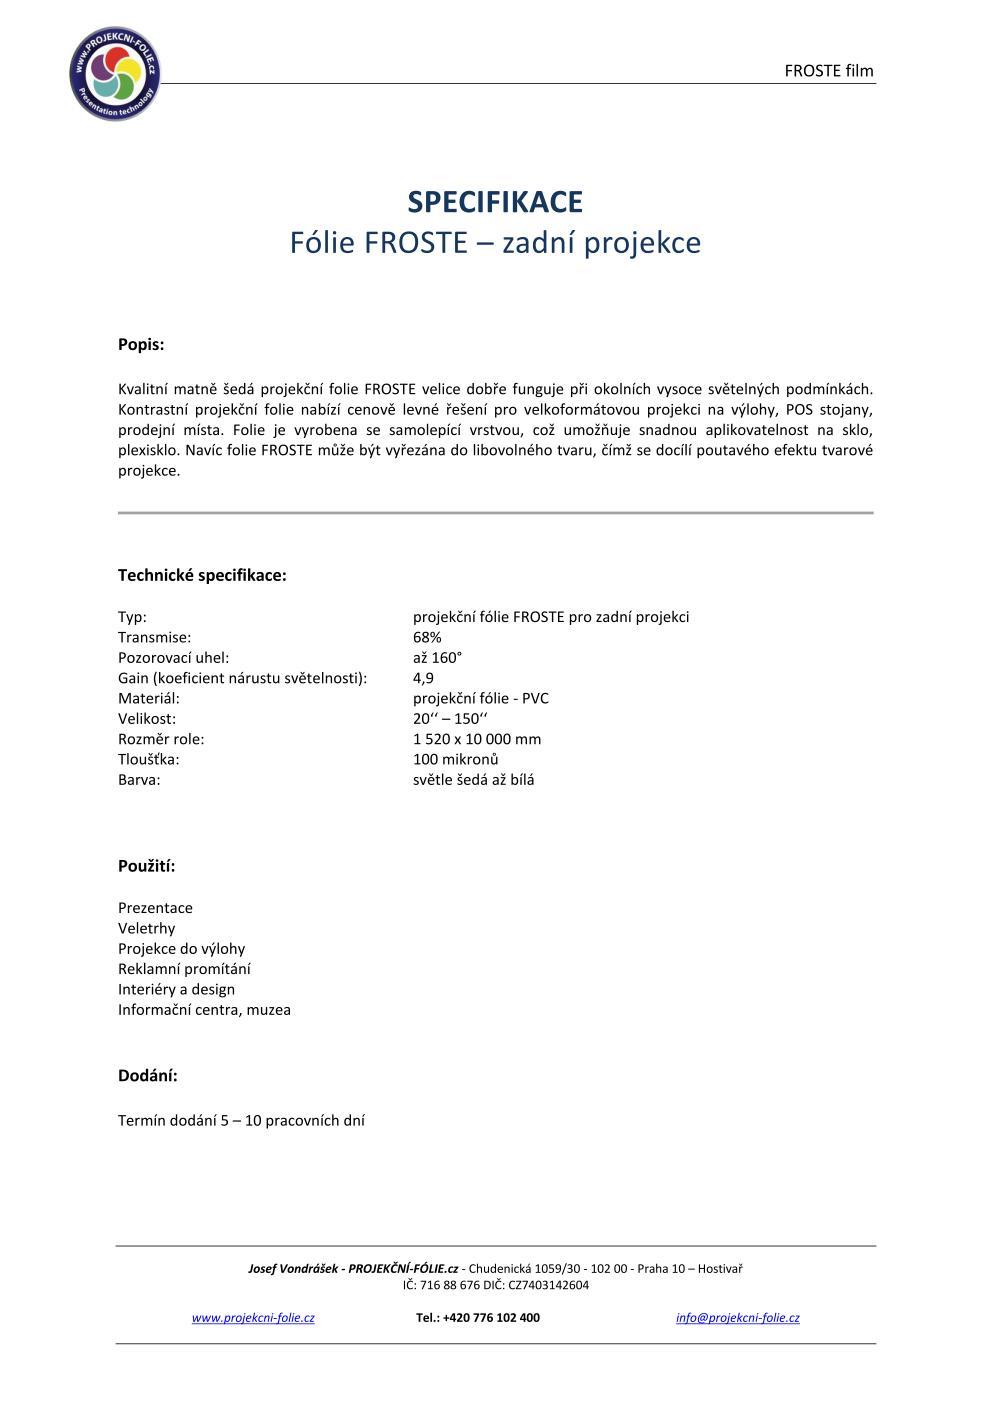 FROSTE - zadní projekce